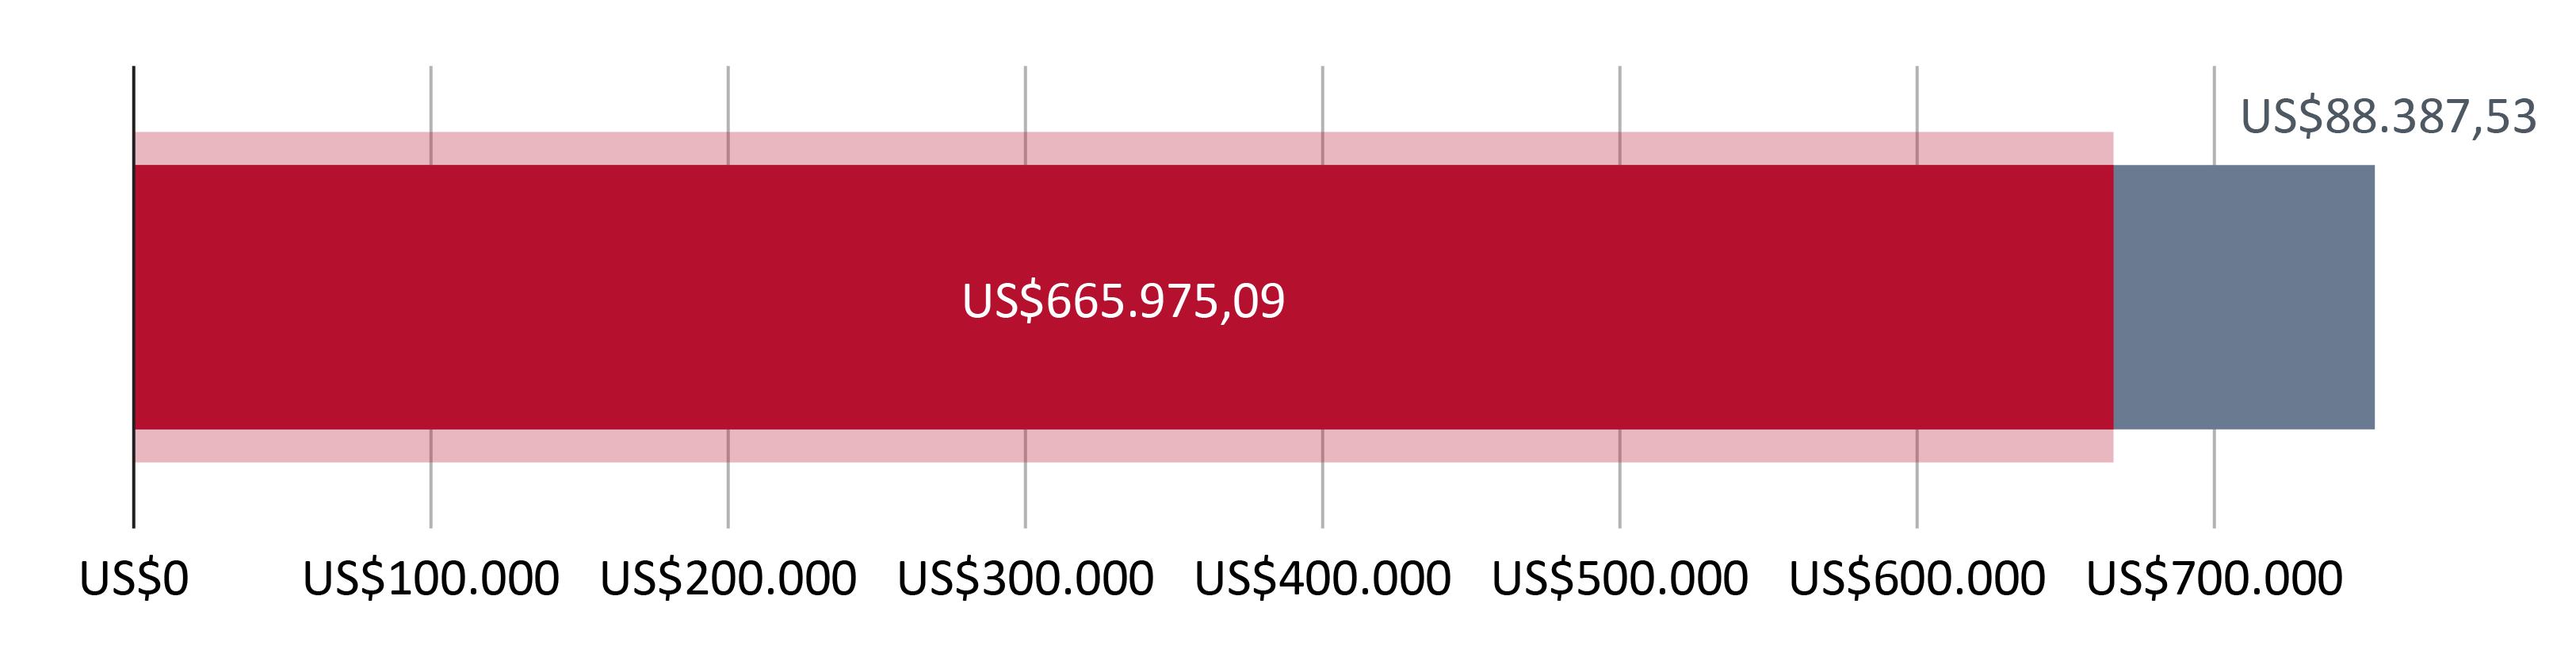 Diterima US$665.975,09; tersisa US$88.387,53